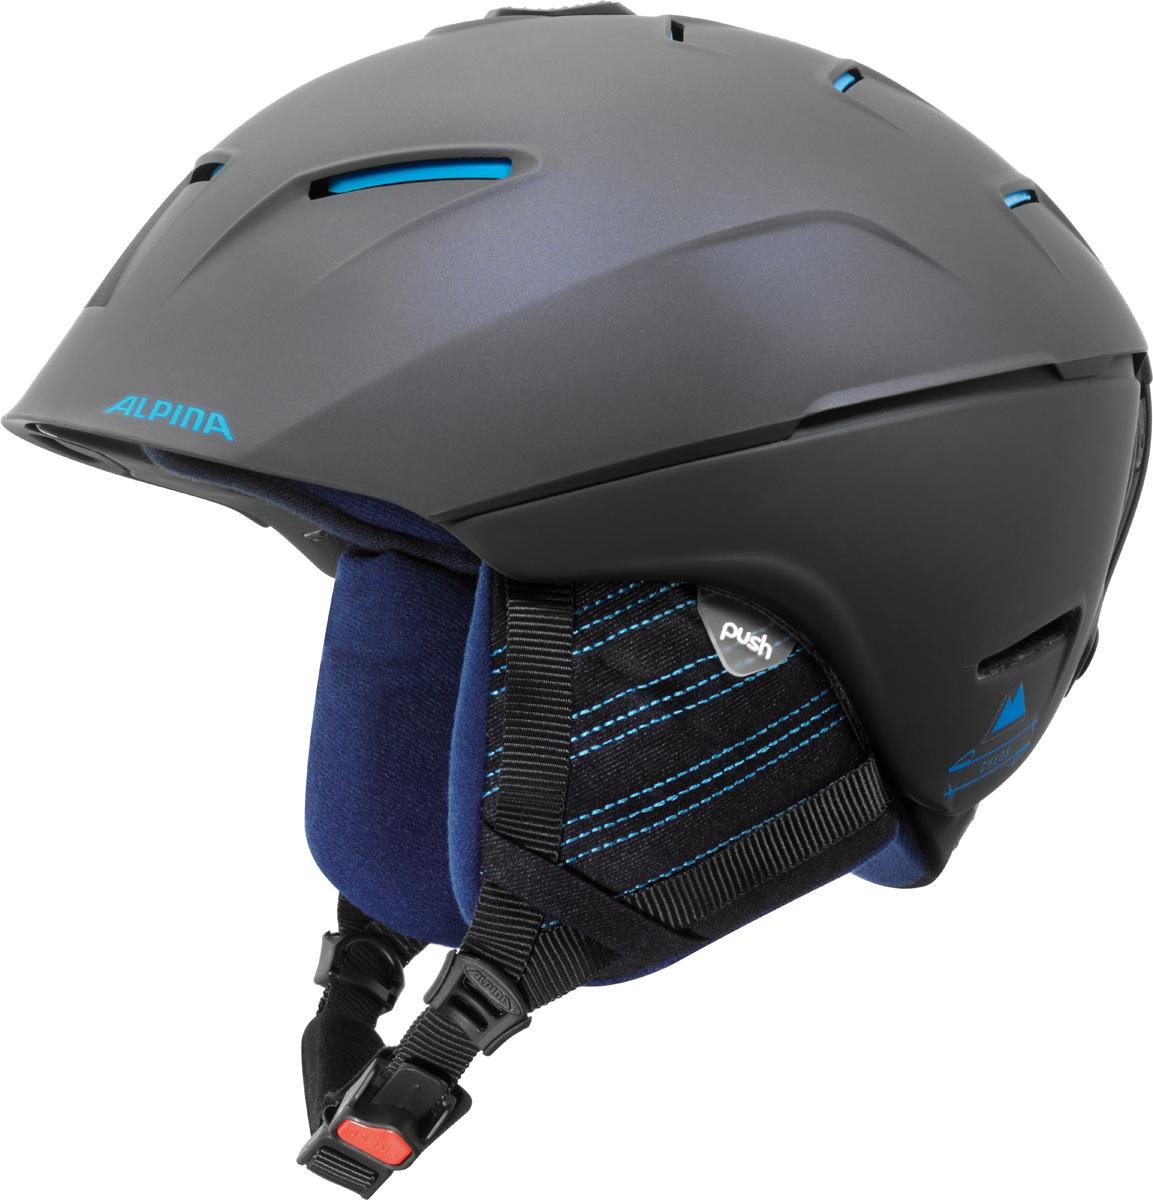 Шлем горнолыжный Alpina Cheos, цвет: темно-синий. A9058_83. Размер 52-56A9058_83Модель сочетает передовые технологии, уникальные характеристики, бескомпромиссную безопасность и исключительный дизайн. Размеры: 52-61 см. Технологии:Hybrid - Нижняя часть шлема состоит из легкого Inmold, что обеспечивает хорошую амортизацию. Верхняя часть - супер-прочный Hardshell.EDGE PROTECT – усиленная нижняя часть шлема, выполненная по технологии Inmold. Дополнительная защита при боковых ударах. RUN SYSTEM – простая система настройки шлема, позволяющая добиться надежной фиксации.AIRSTREAM CONTROL – регулируемые воздушные клапана для полного контроля внутренней вентиляции. REMOVABLE EARPADS - съемные амбушюры добавляют чувства свободы во время катания в теплую погоду, не в ущерб безопасности. При падении температуры, амбушюры легко устанавливаются обратно на шлем.CHANGEABLE INTERIOR – съемная внутренняя часть. Допускается стирка в теплой мыльной воде.NECKWARMER – дополнительное утепление шеи. Изготовлено из мягкого флиса.3D FIT – ремень, позволяющий регулироваться затылочную часть шлема. Пять позиций позволят настроить идеальную посадку.